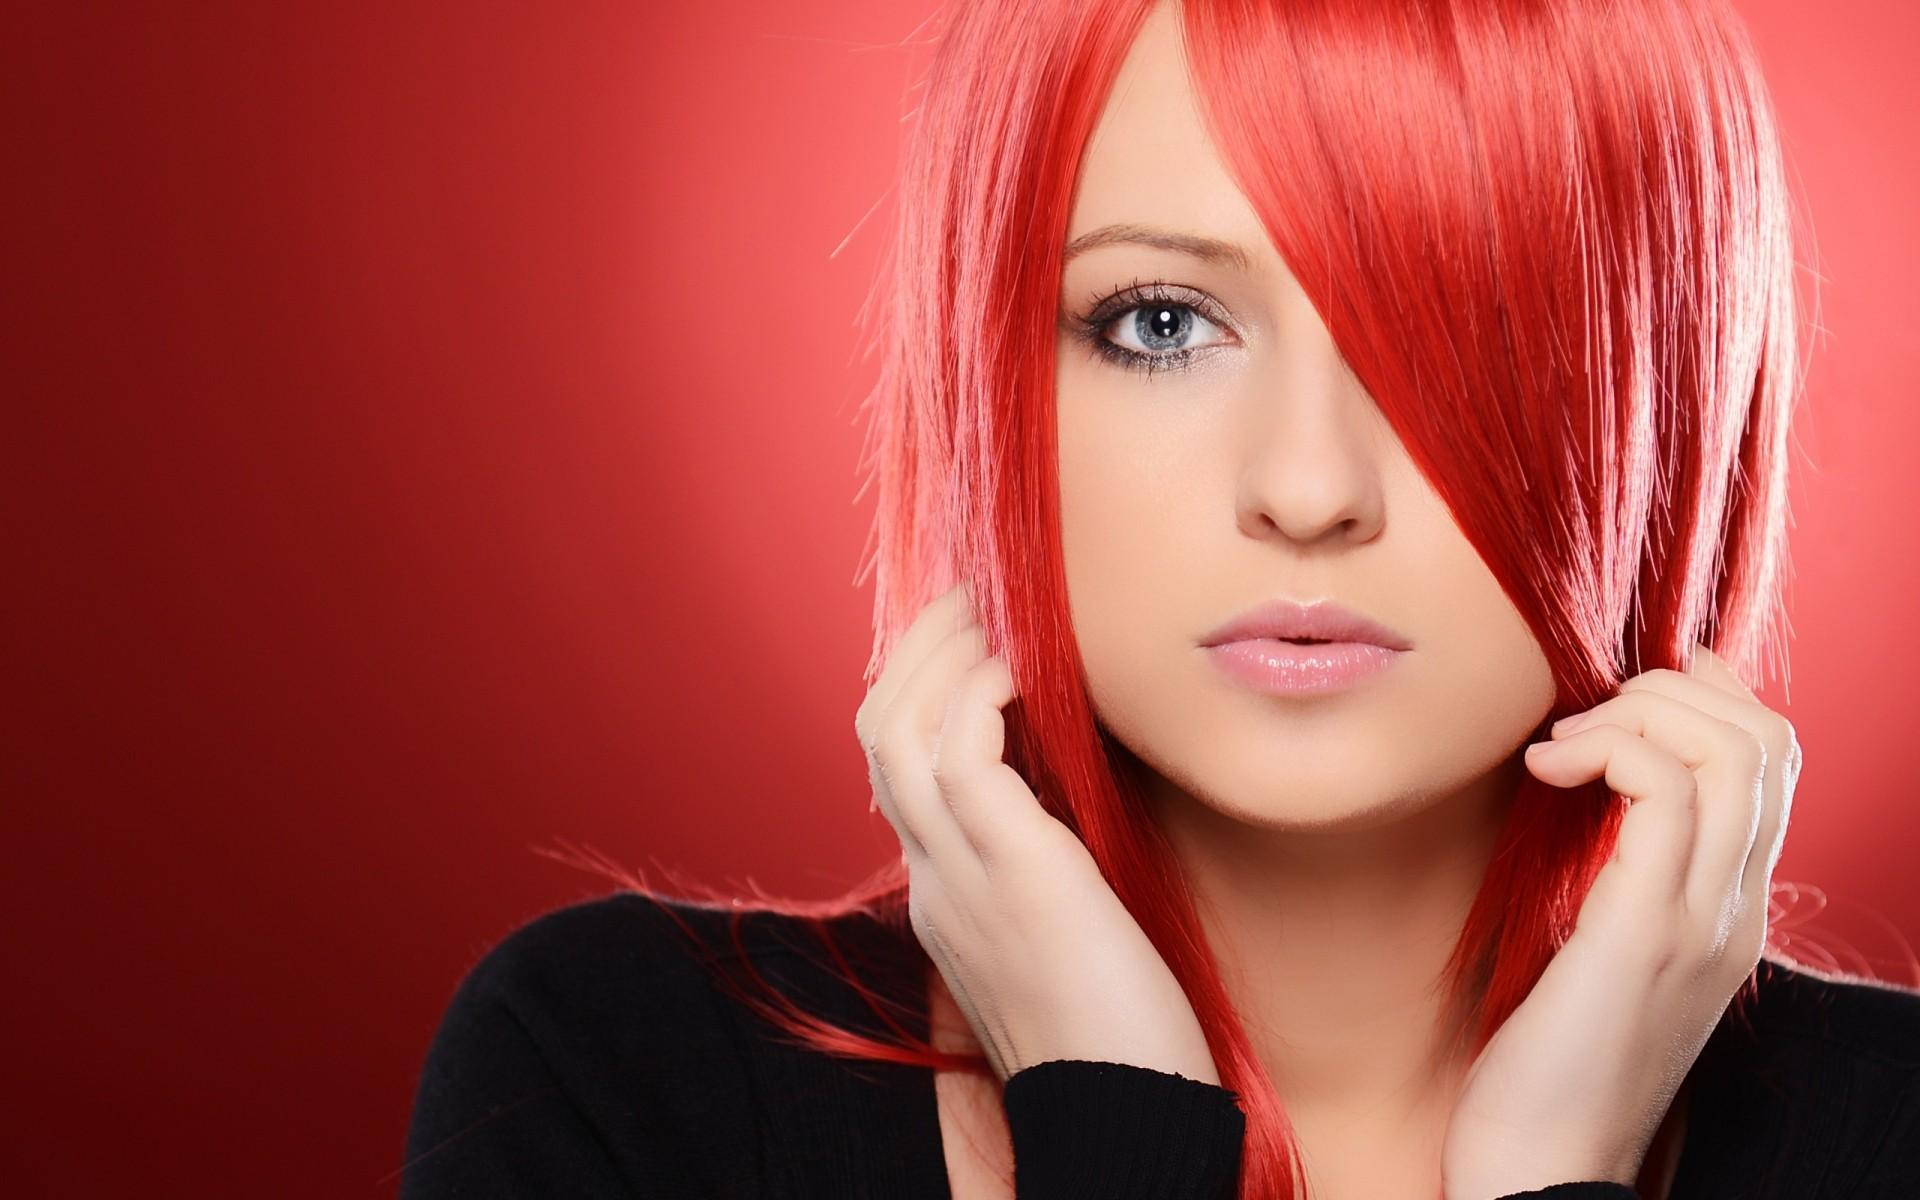 красивые красноволосые девушки почувствовала